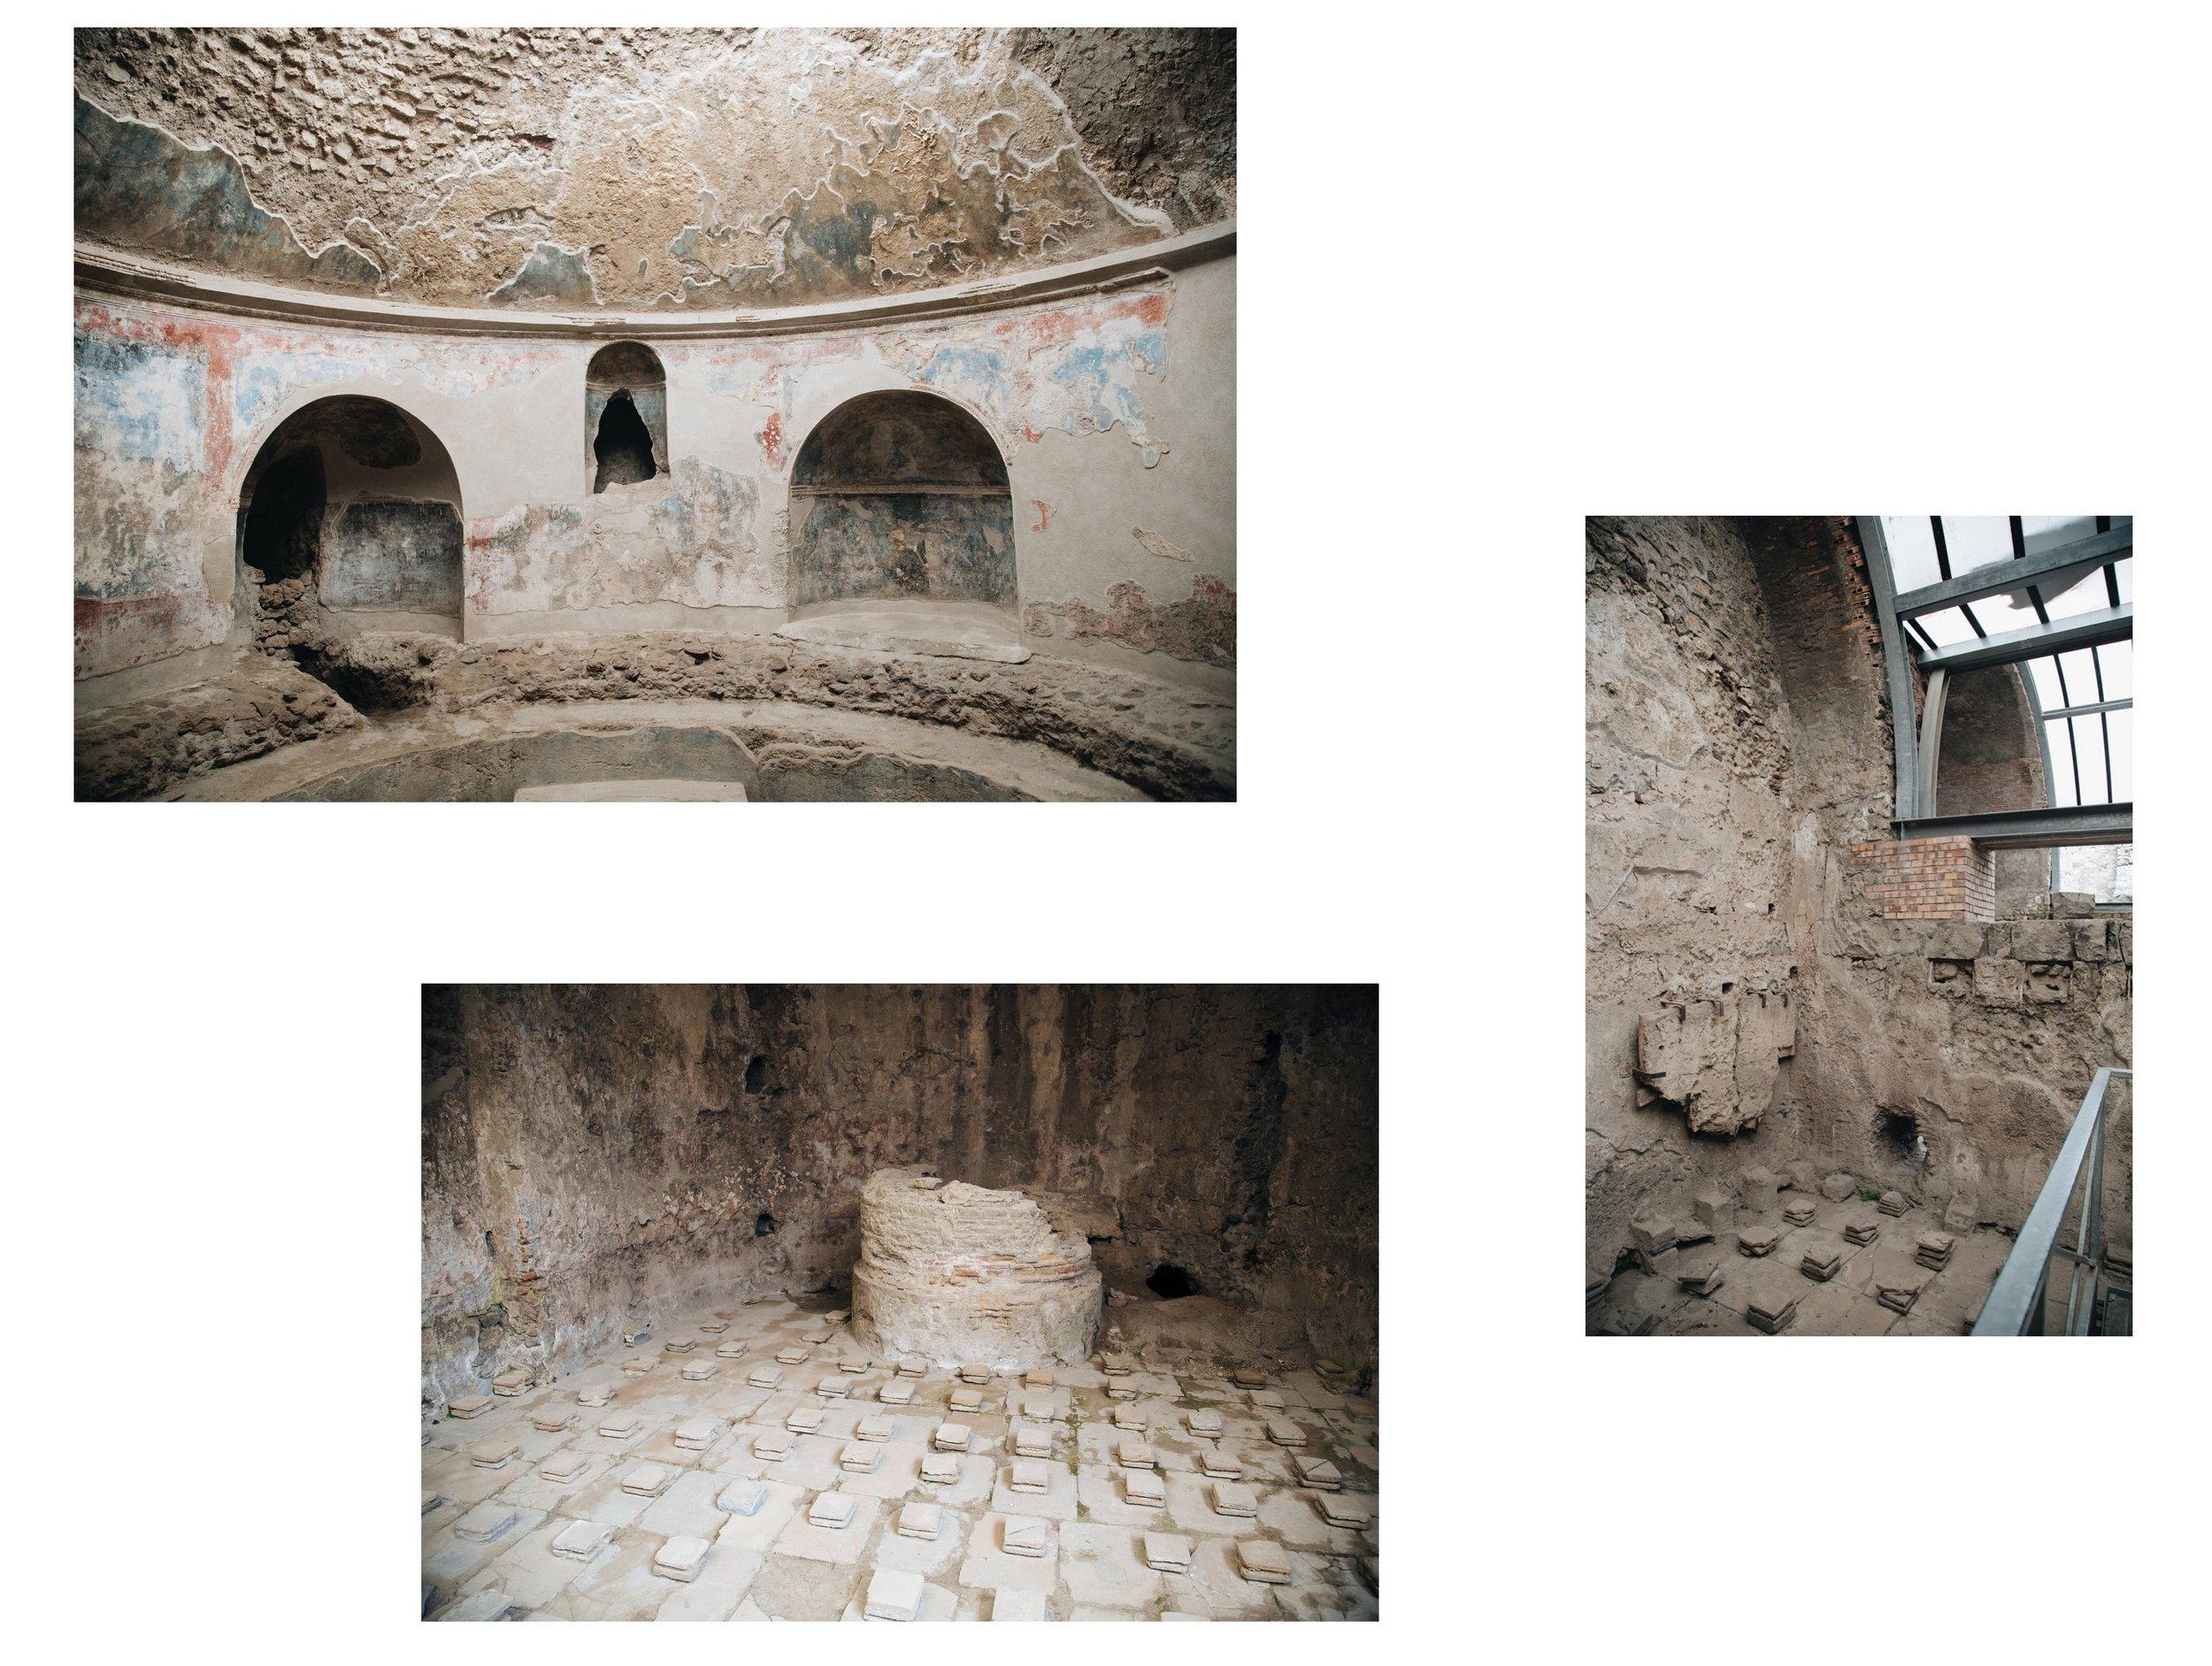 Thermes-stabiens-pompei-visite-blog-voyage.jpg